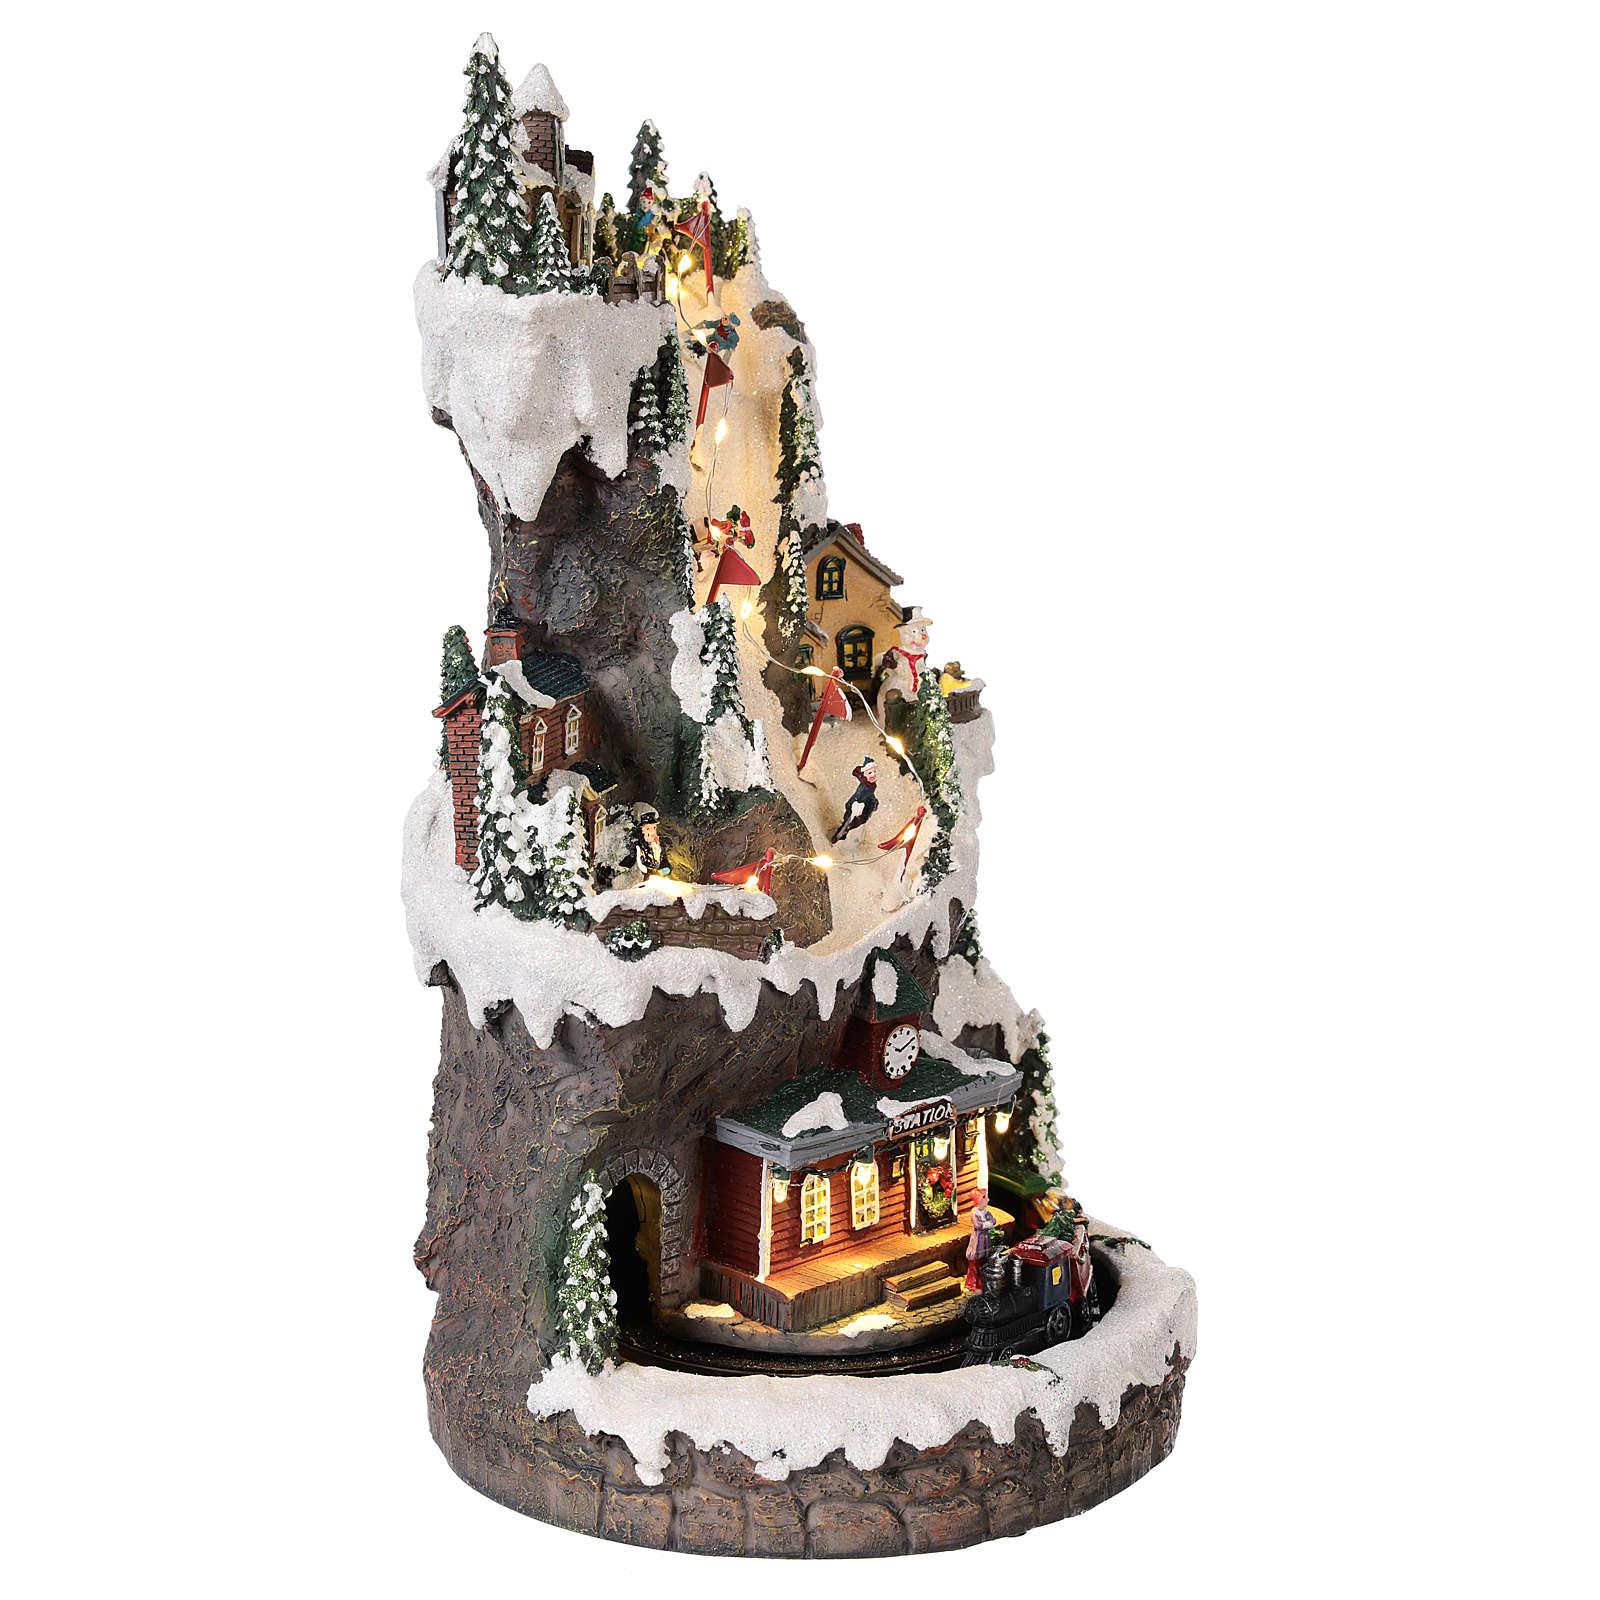 Villaggio natalizio 30x20x20 cm con luci e treno in movimento 3